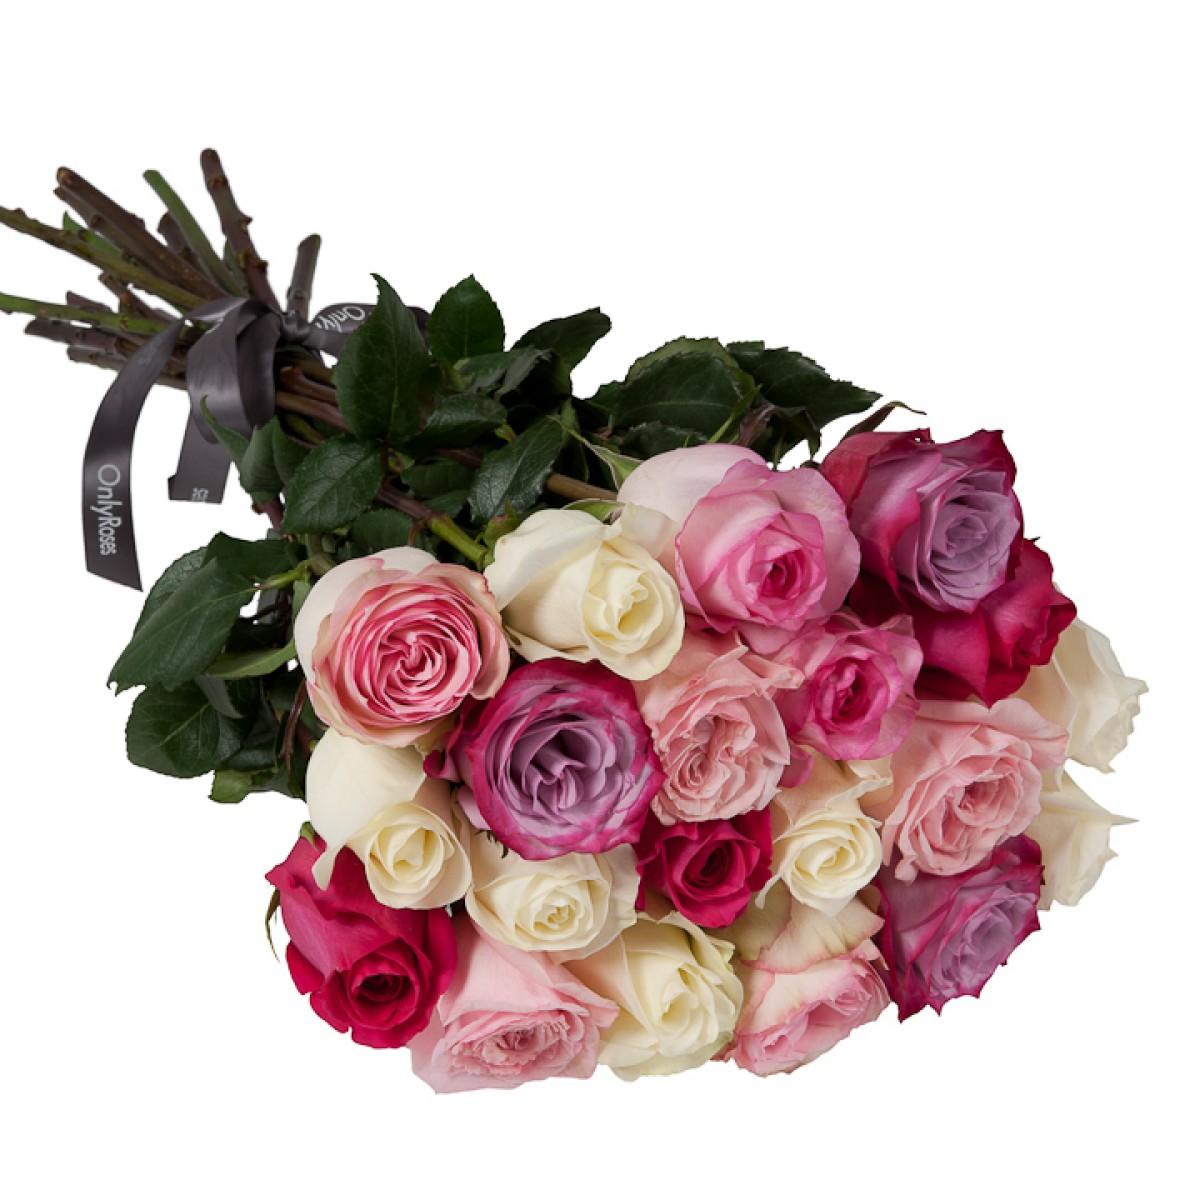 Букет от 11 до 15 рози в бяло/розова гама (ти избираш броя)